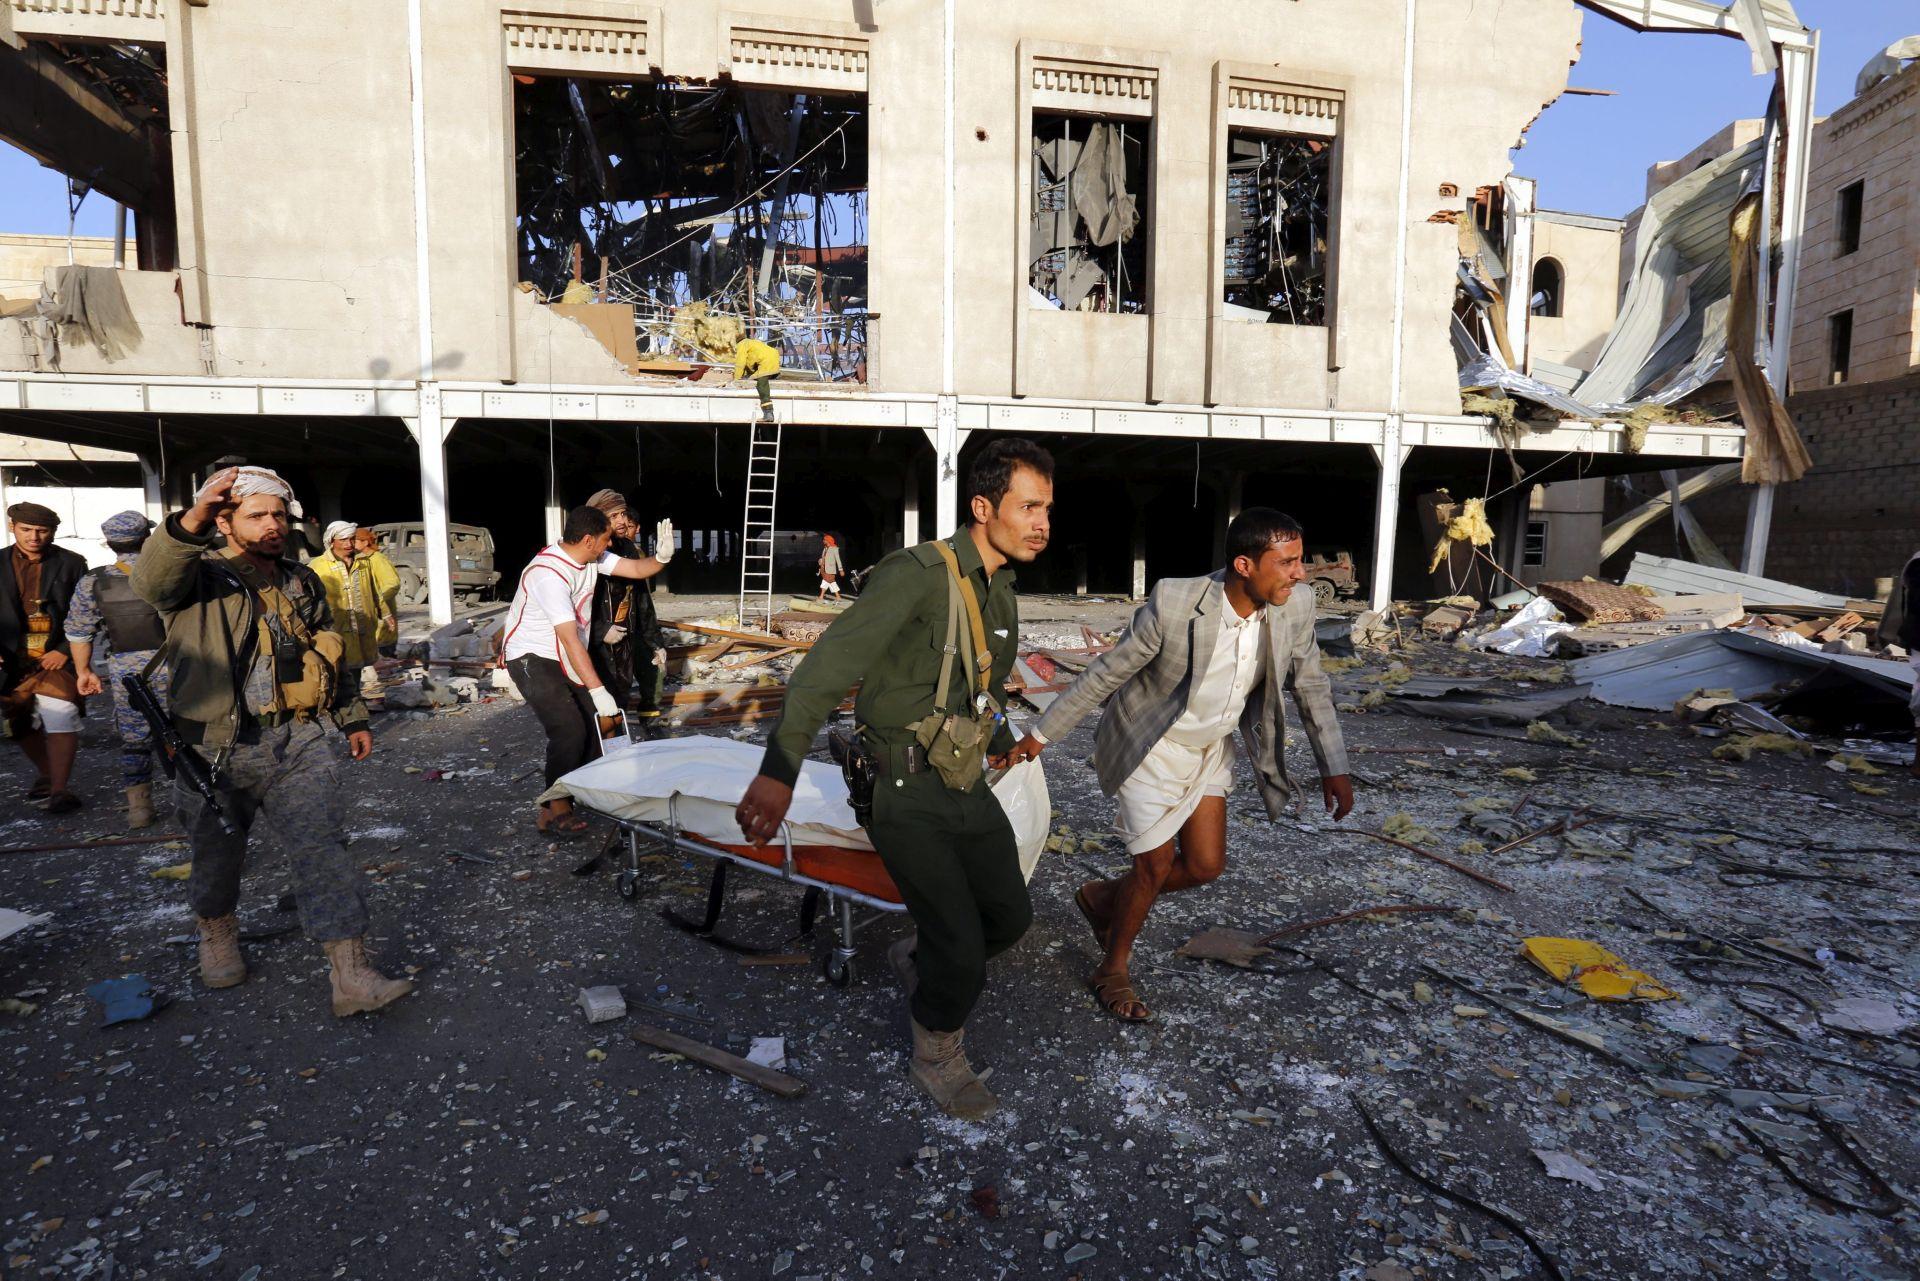 NAKON NAPADA  U SANI: Arapska koalicija poziva SAD u istragu